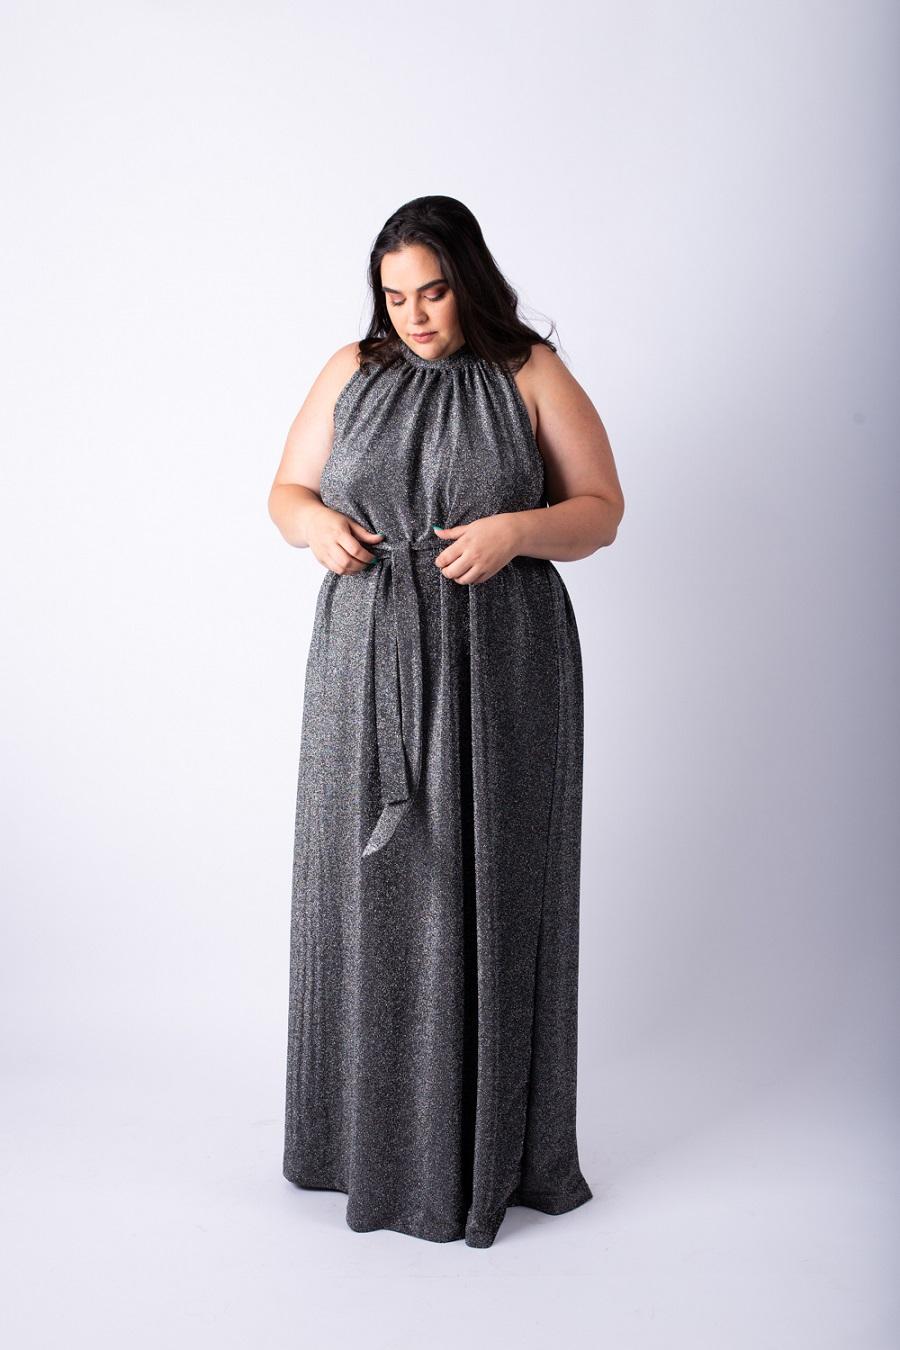 שמלת אליס מקסי כסופה